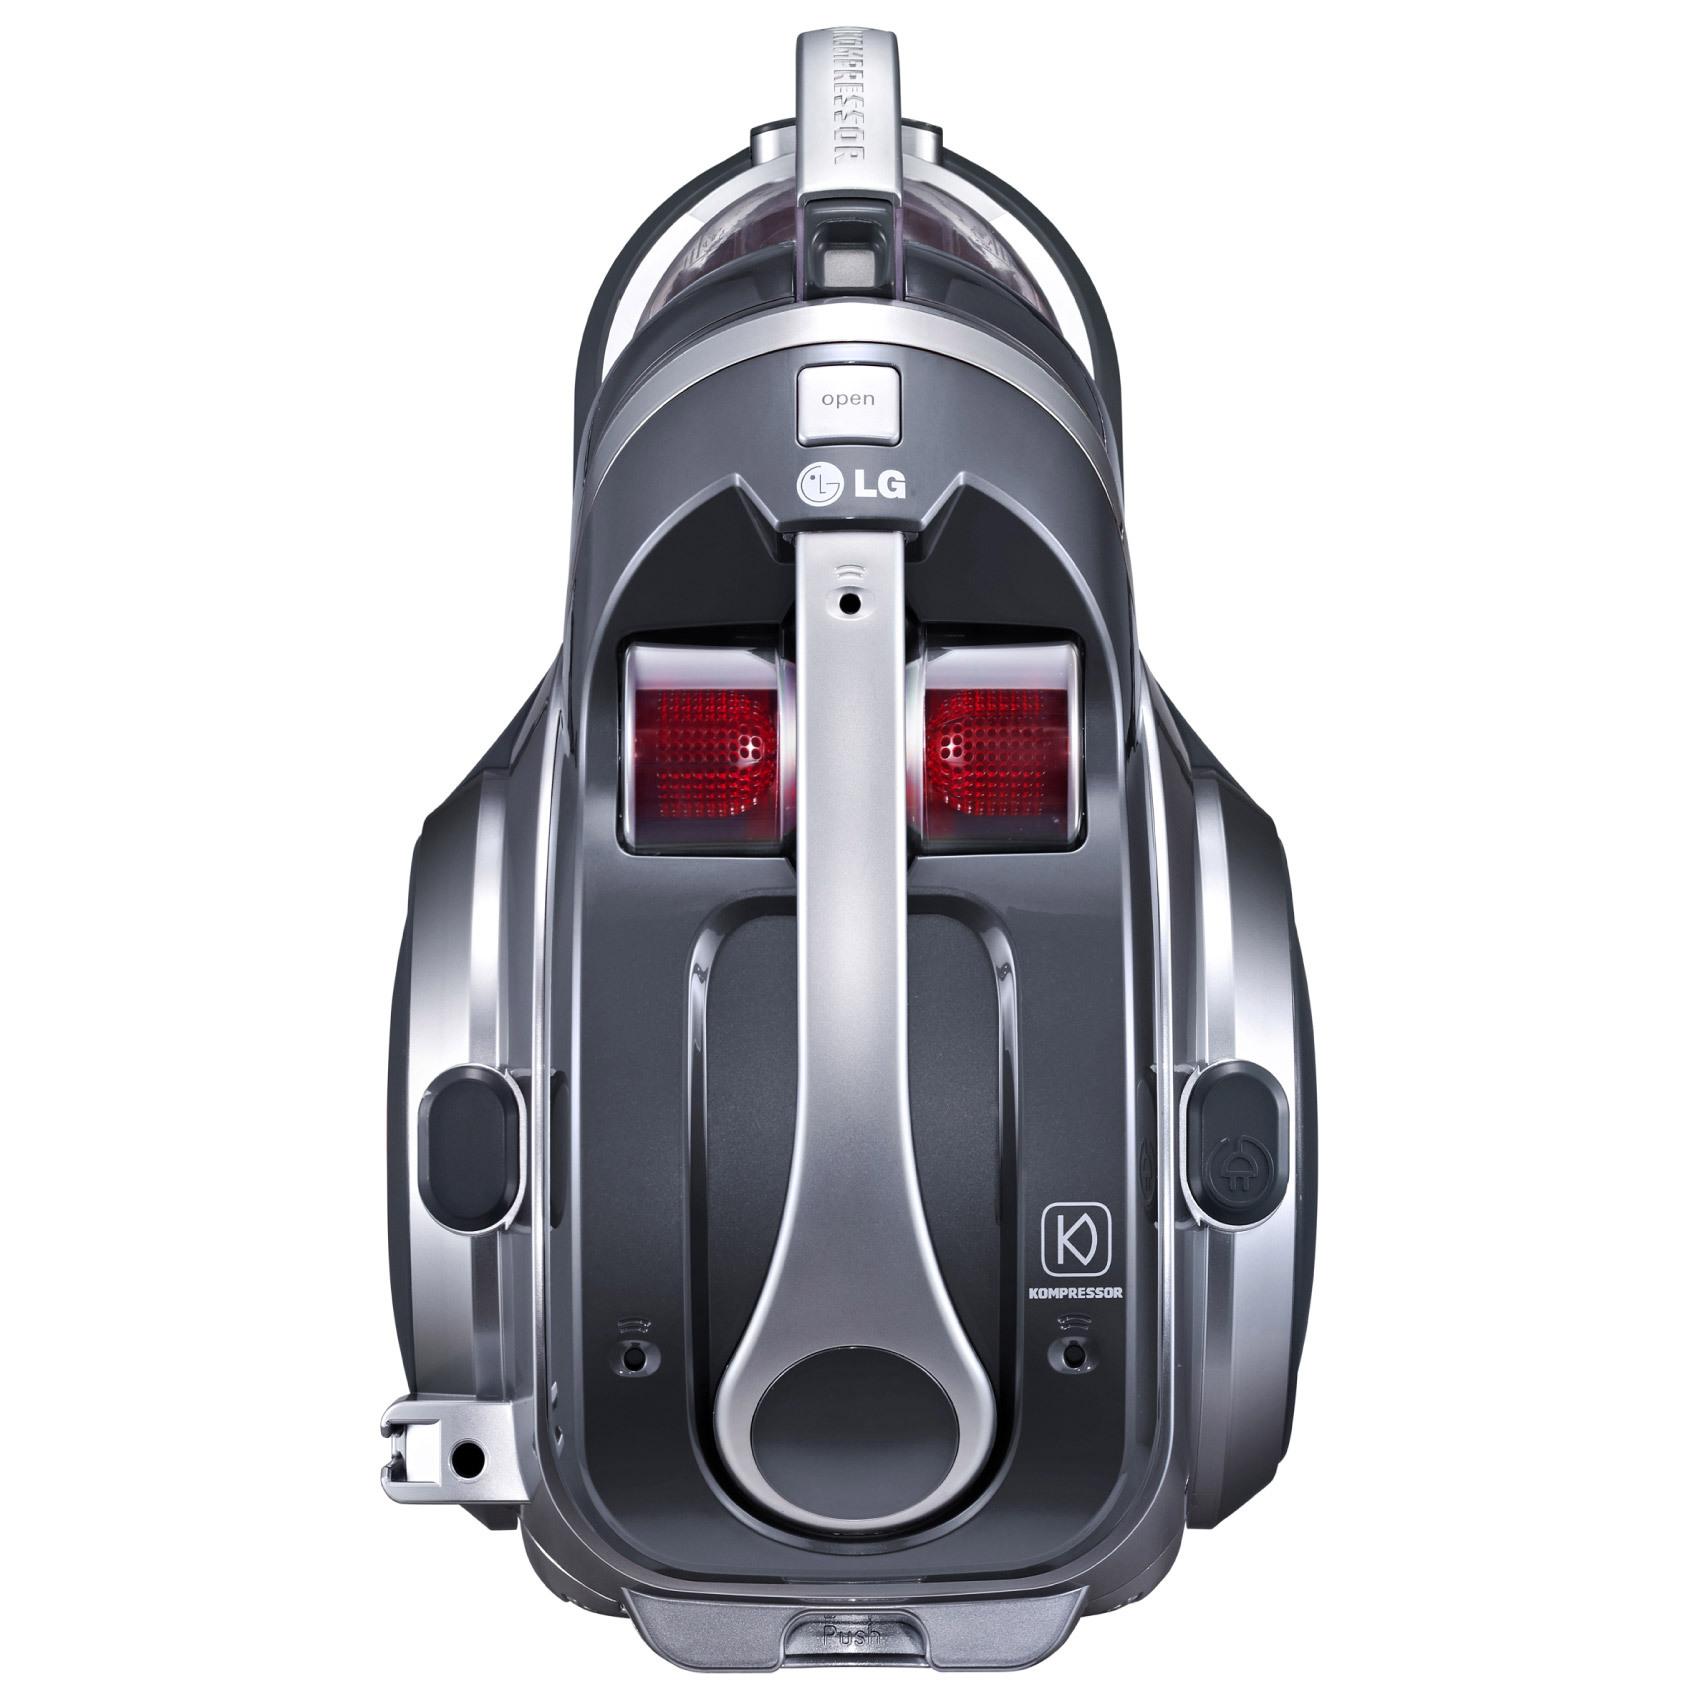 LG V-CLEANER DRY VK7320NHTG